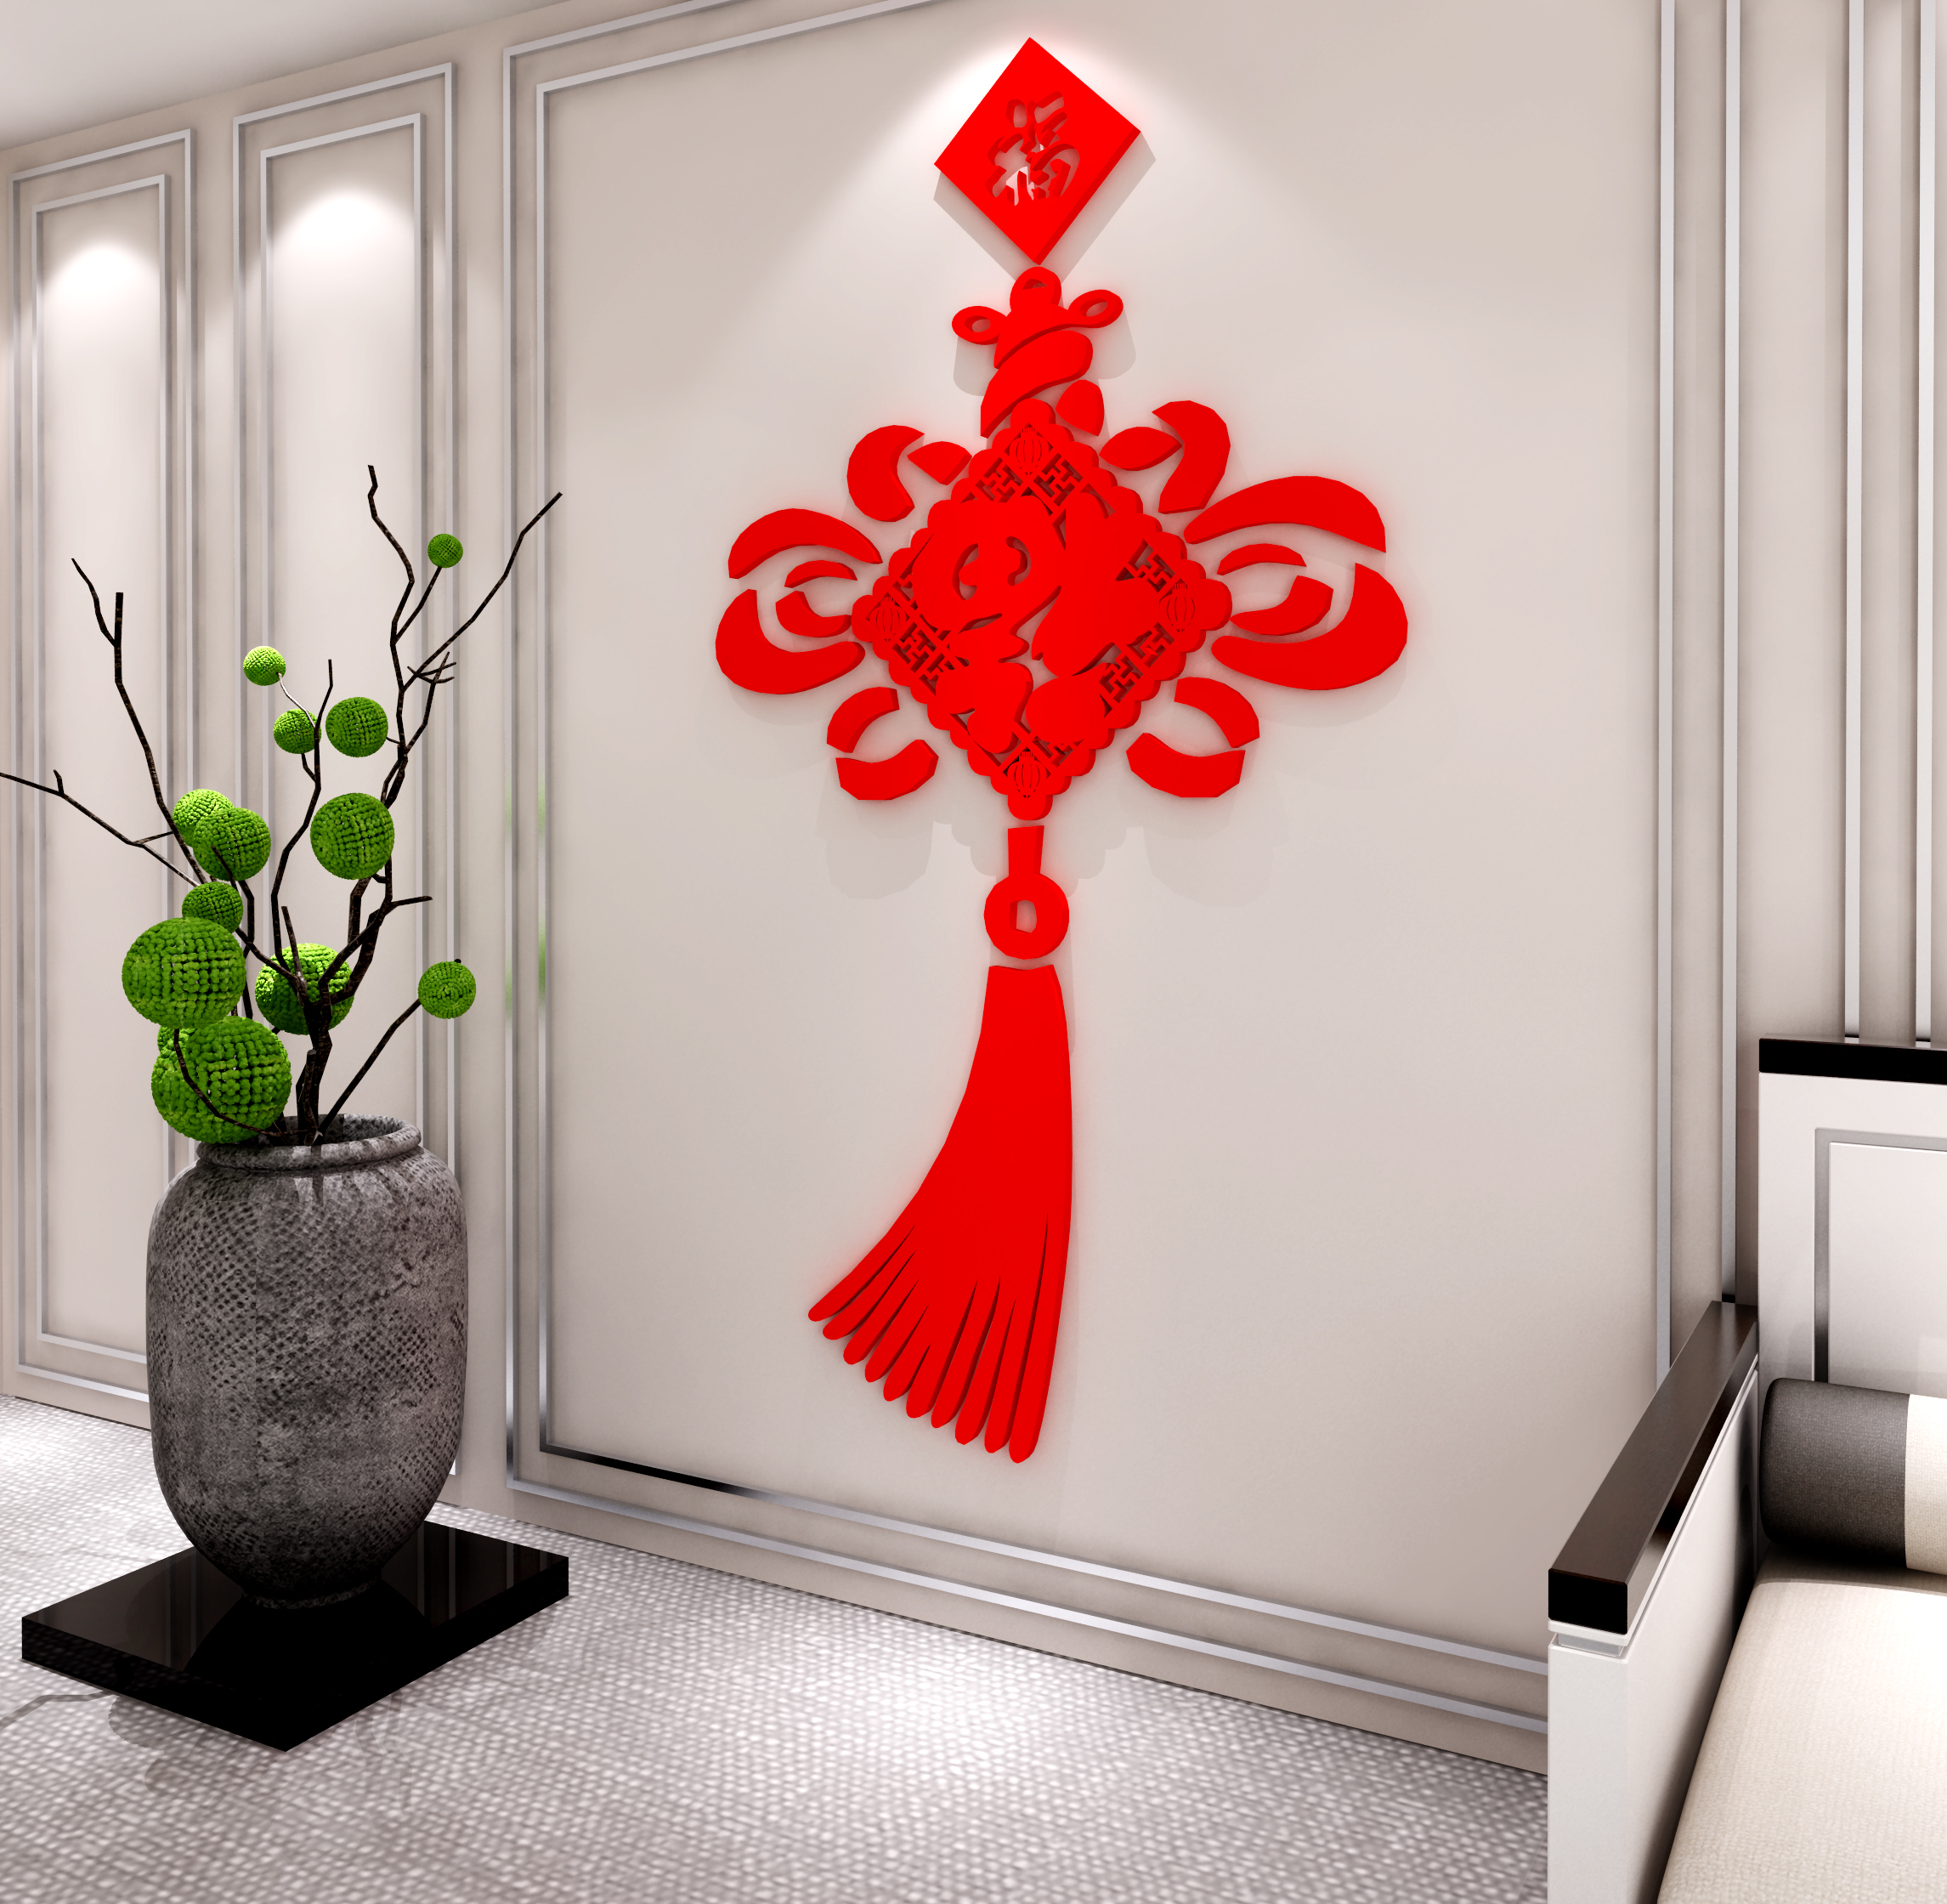 中国结福字墙贴亚克力3d立体画客厅玄关背景墙壁房间喜庆装饰防水